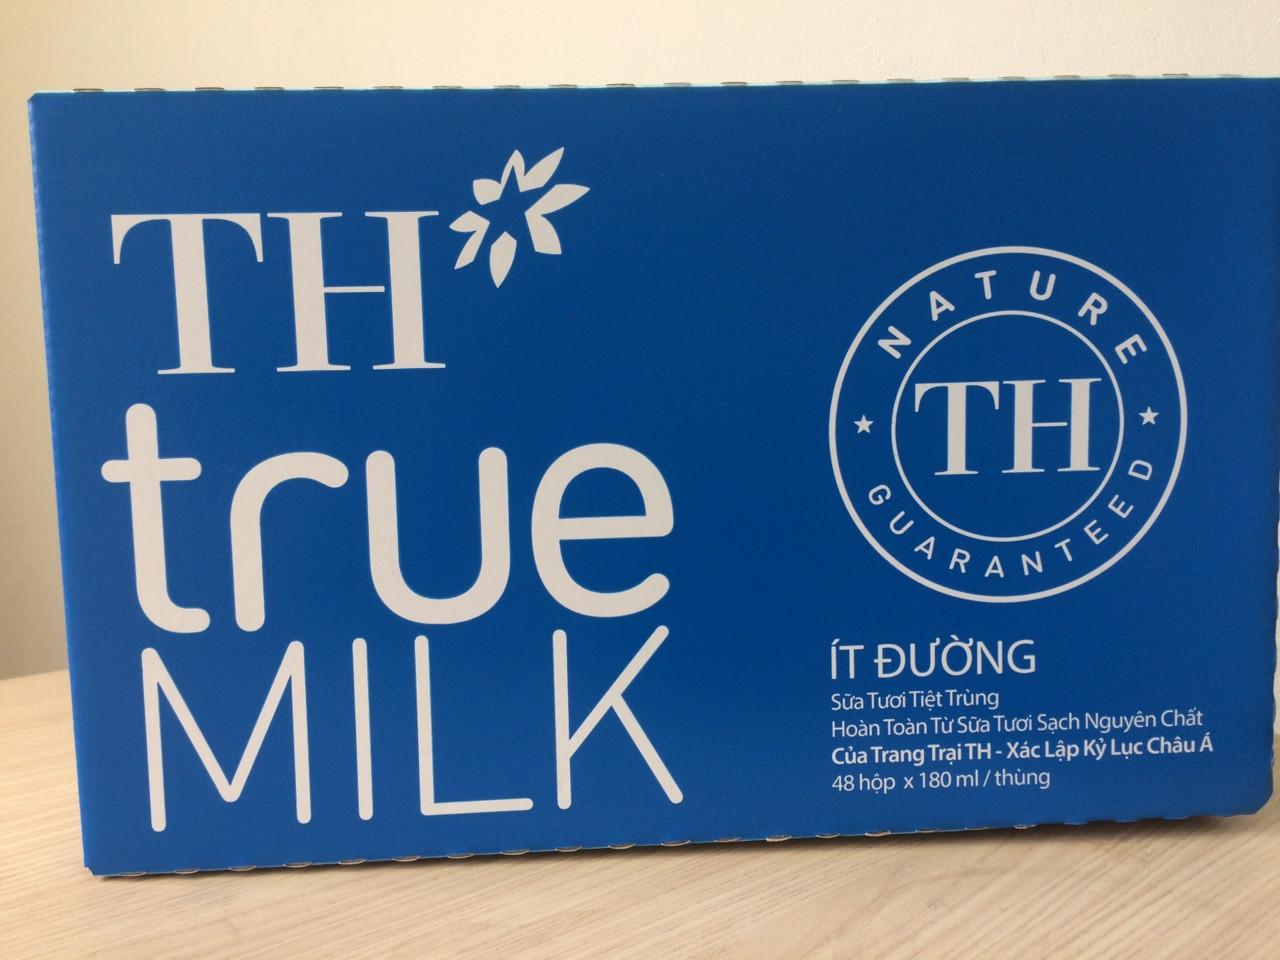 Thùng sữa chua tiệt trùng ít đường